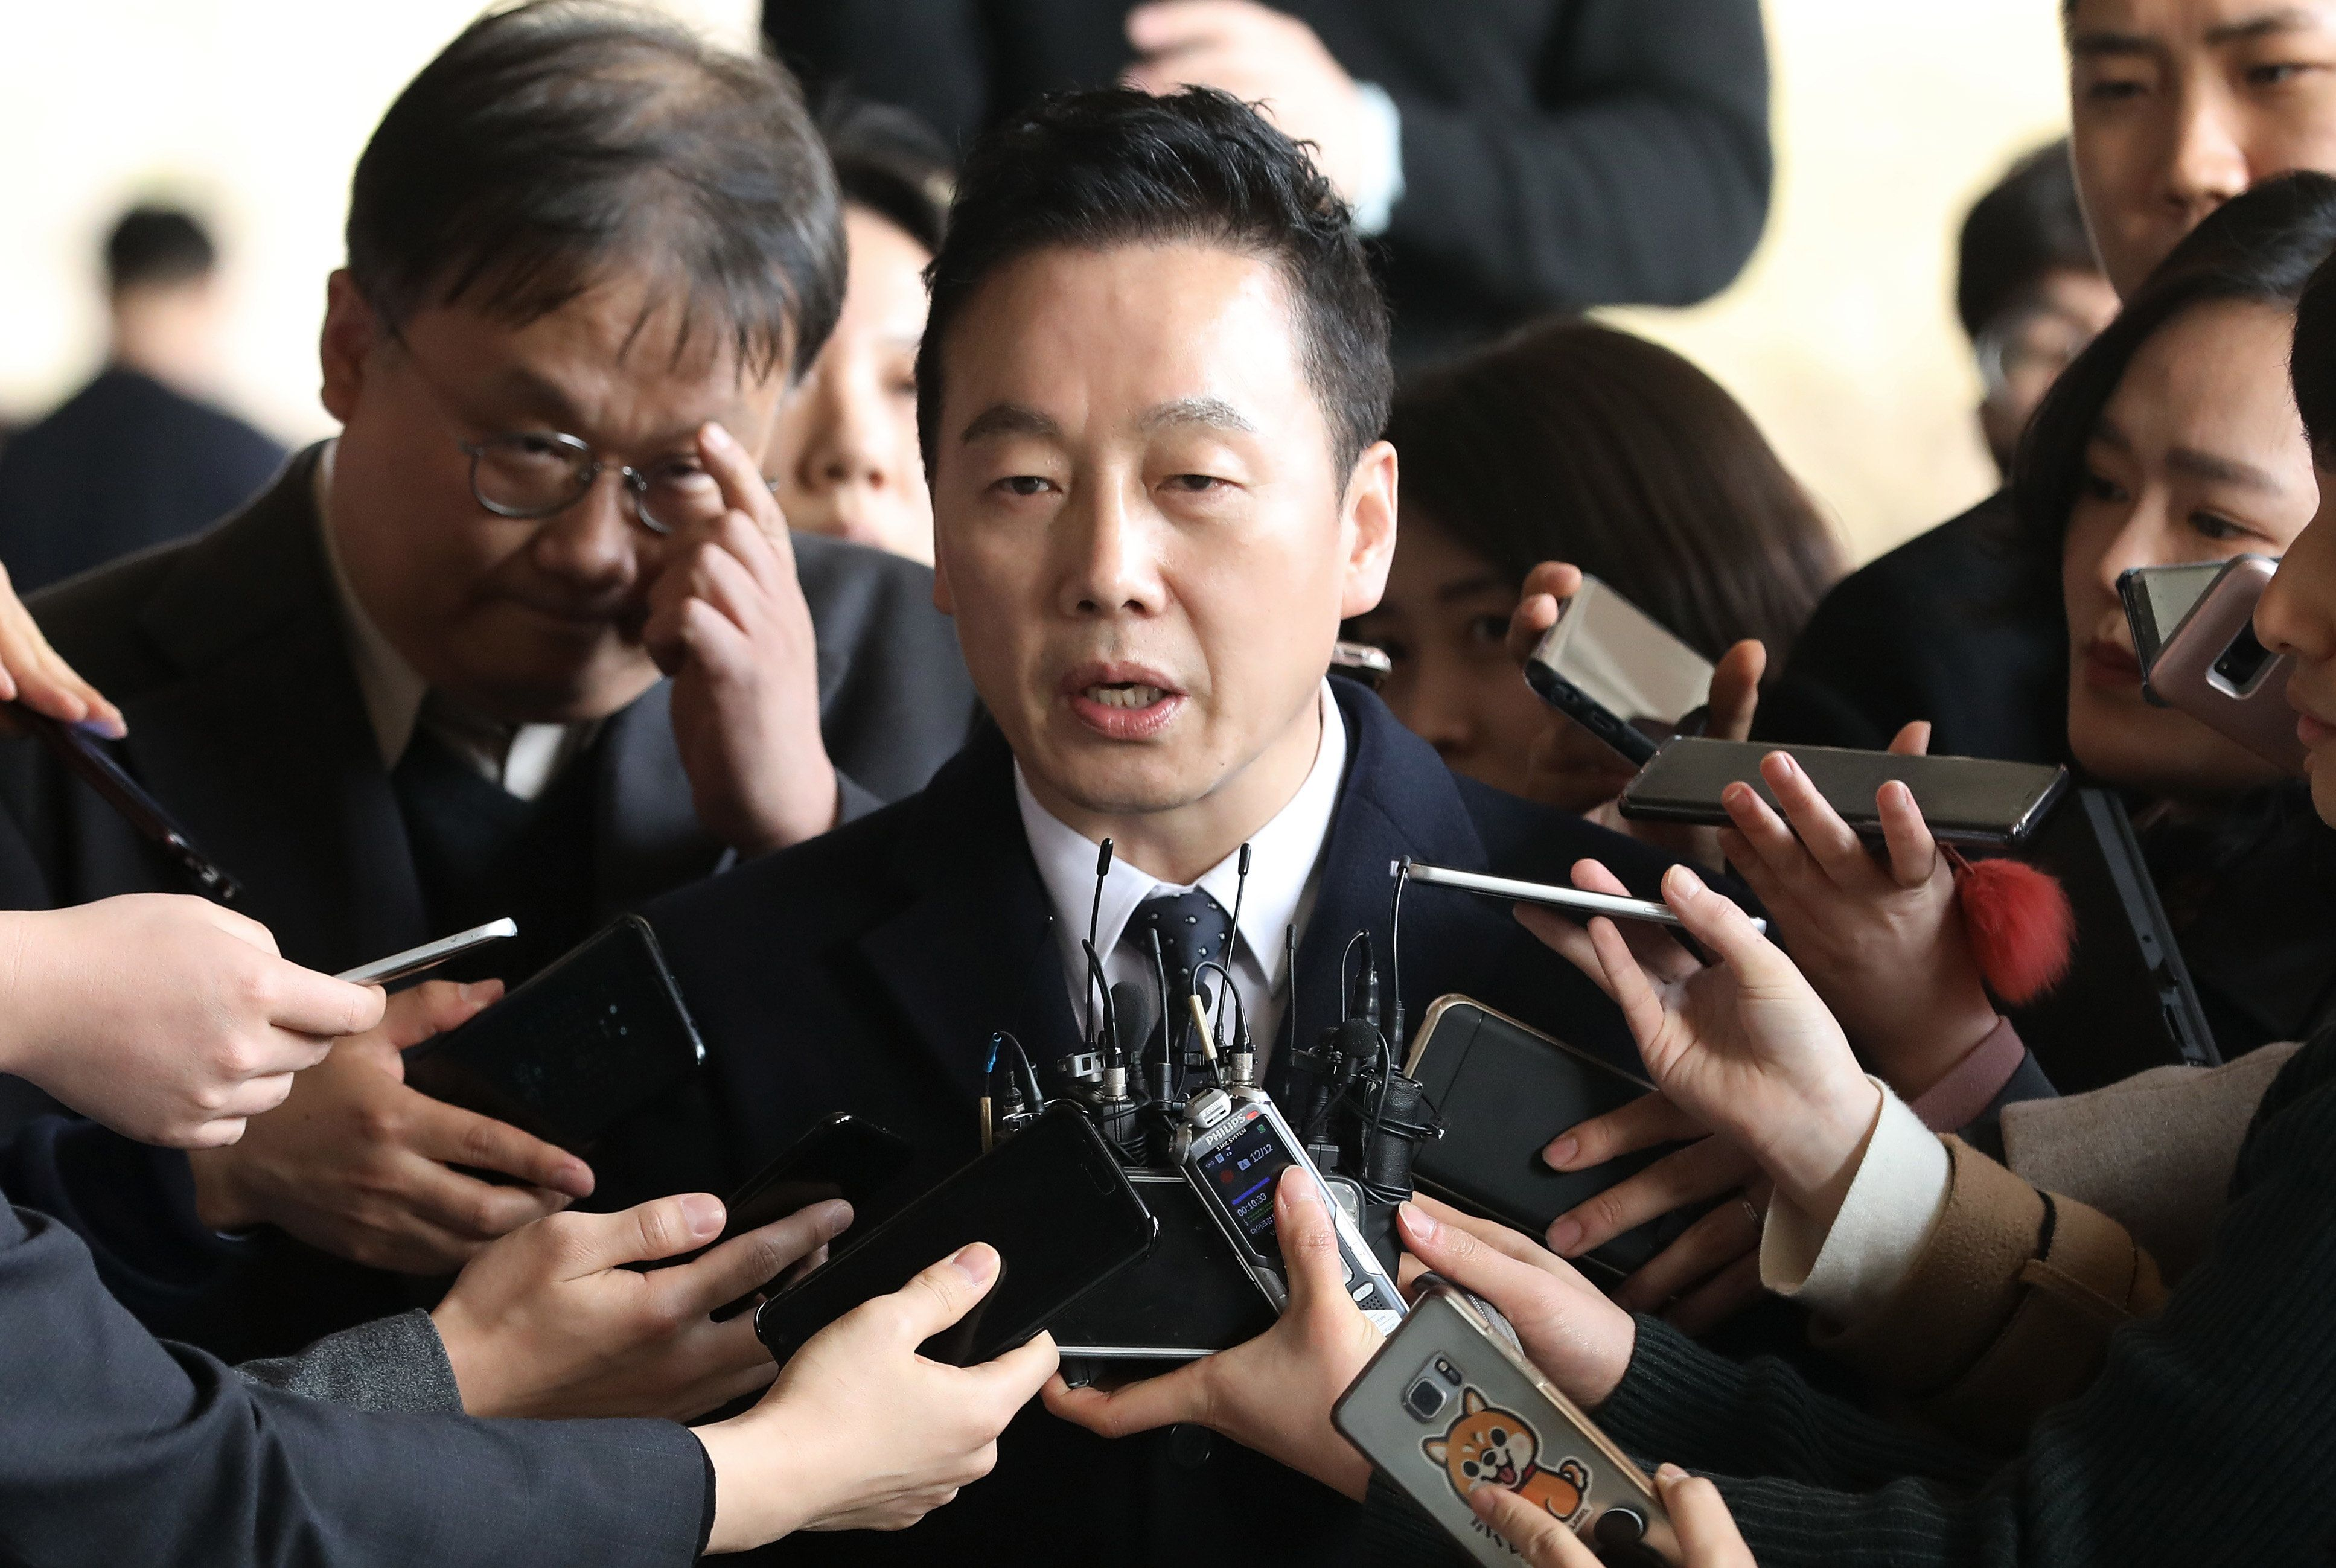 정봉주가 성추행 의혹 보도한 기자 6명에게 적용한